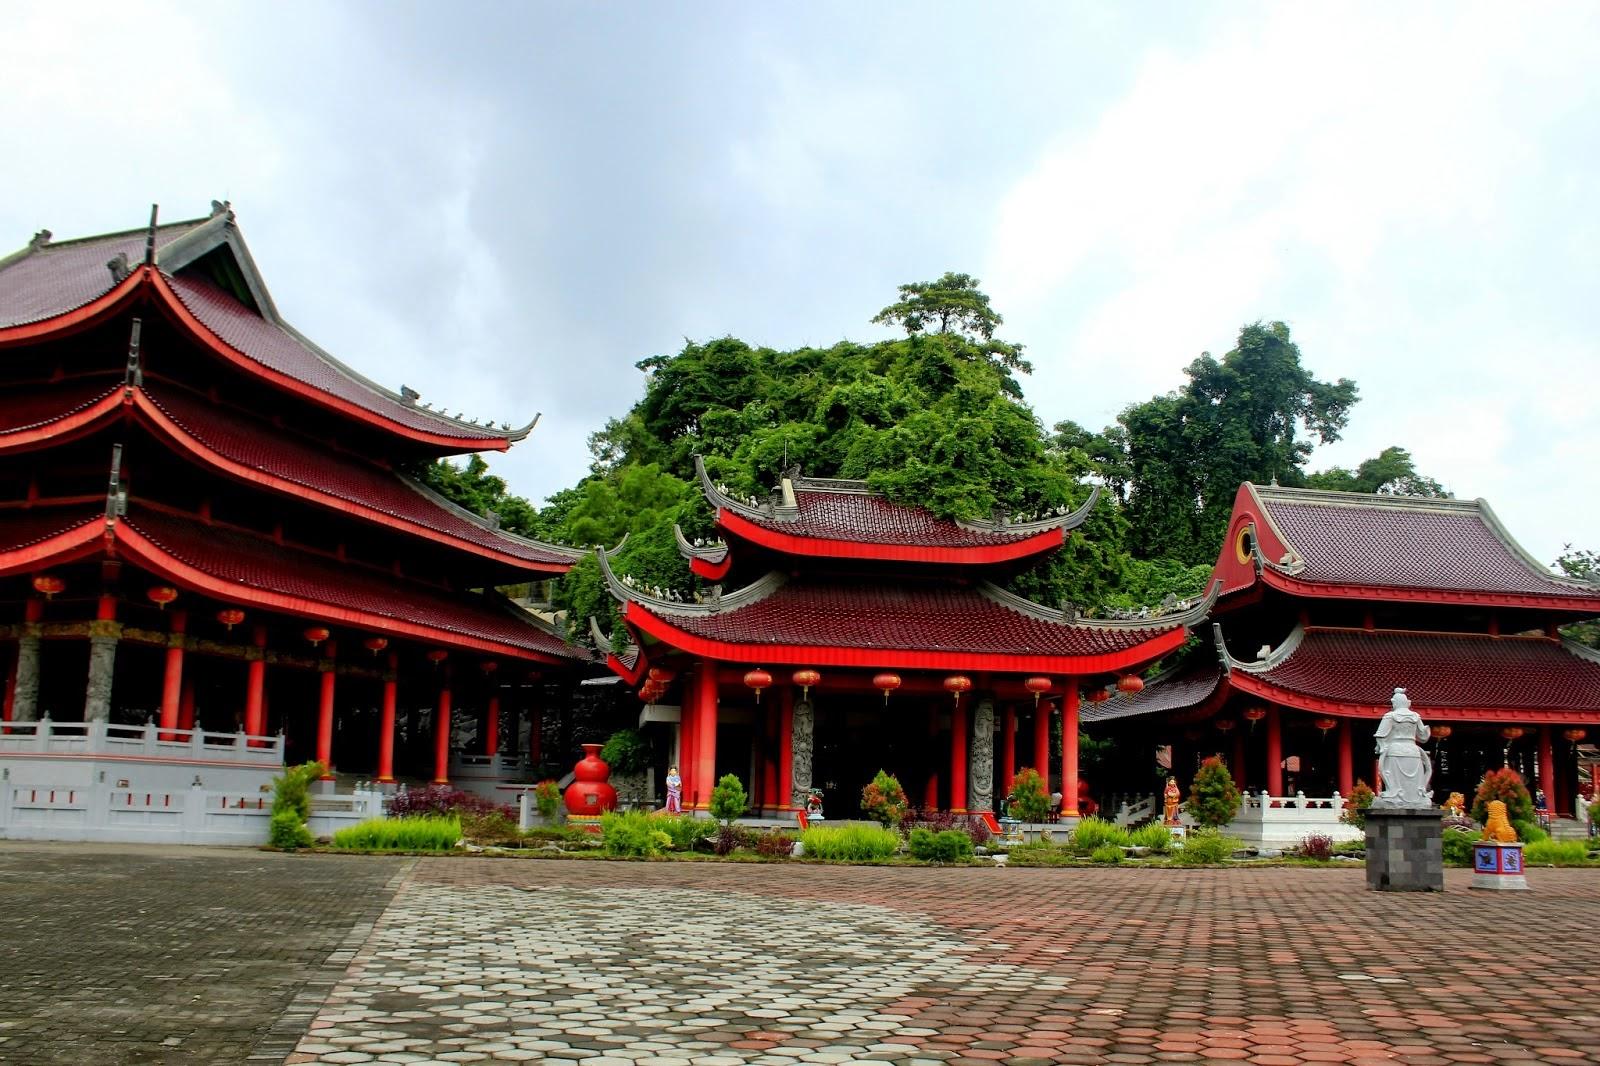 wisata-klentheng-sam-poo-kong-napak-tilas